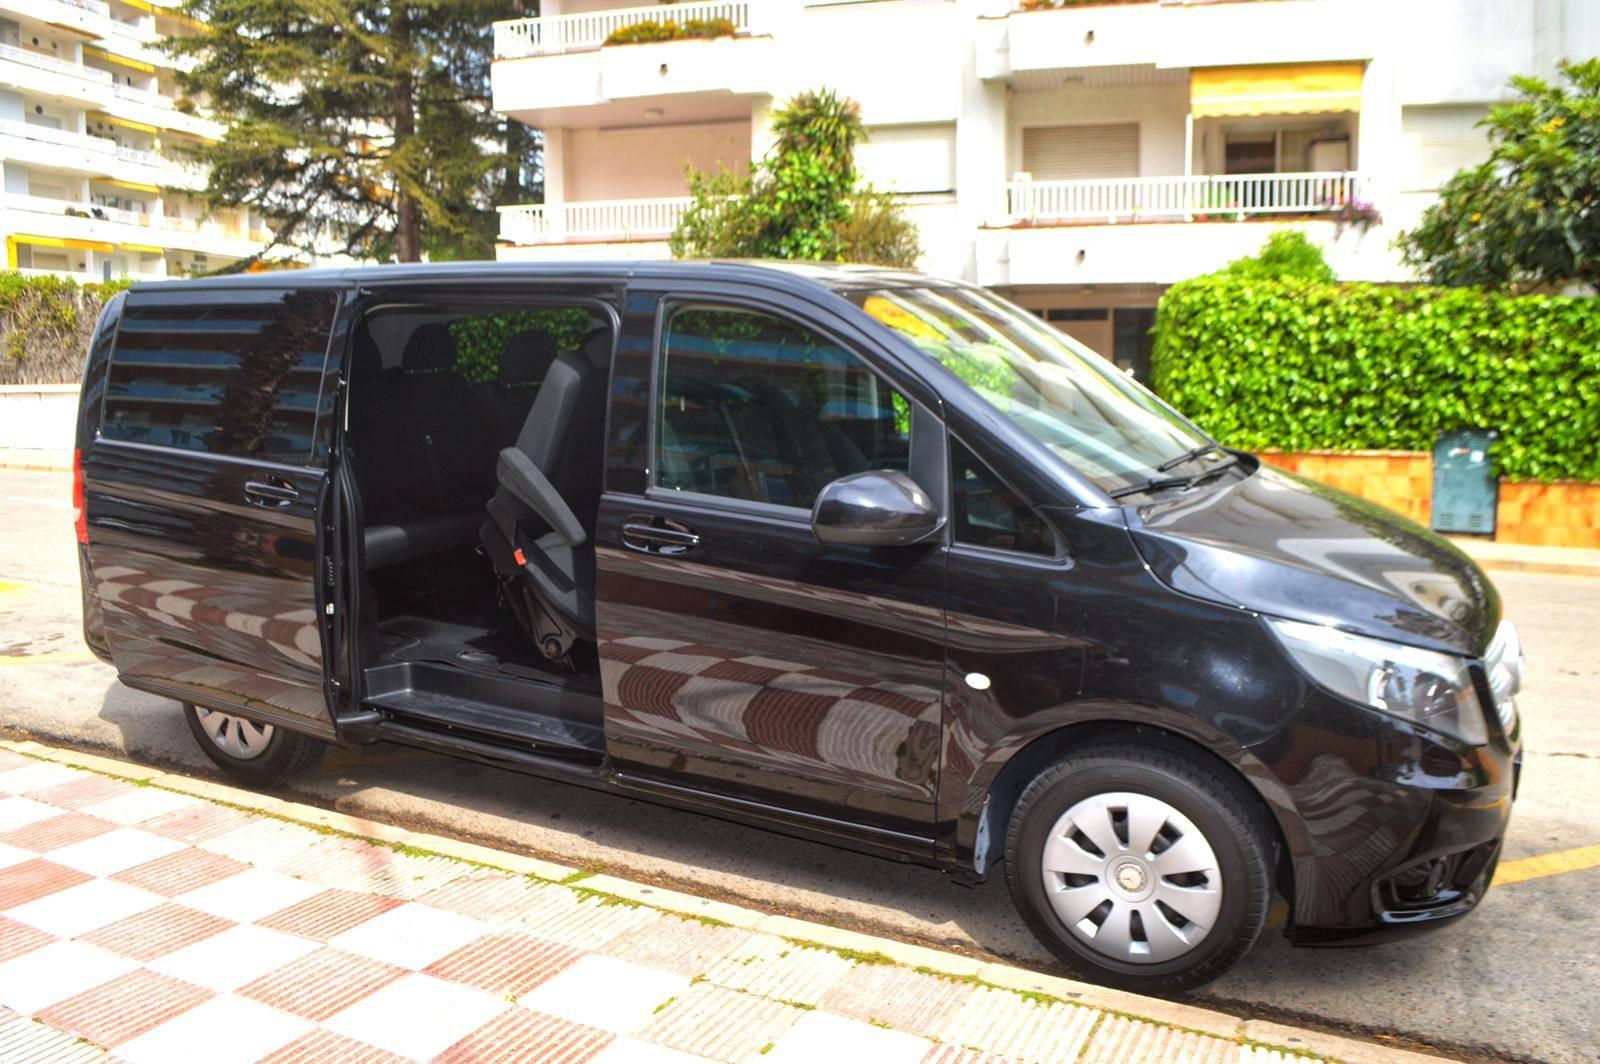 Аренда авто в Барселоне: стоимость и сроки аренды, где и как арендовать